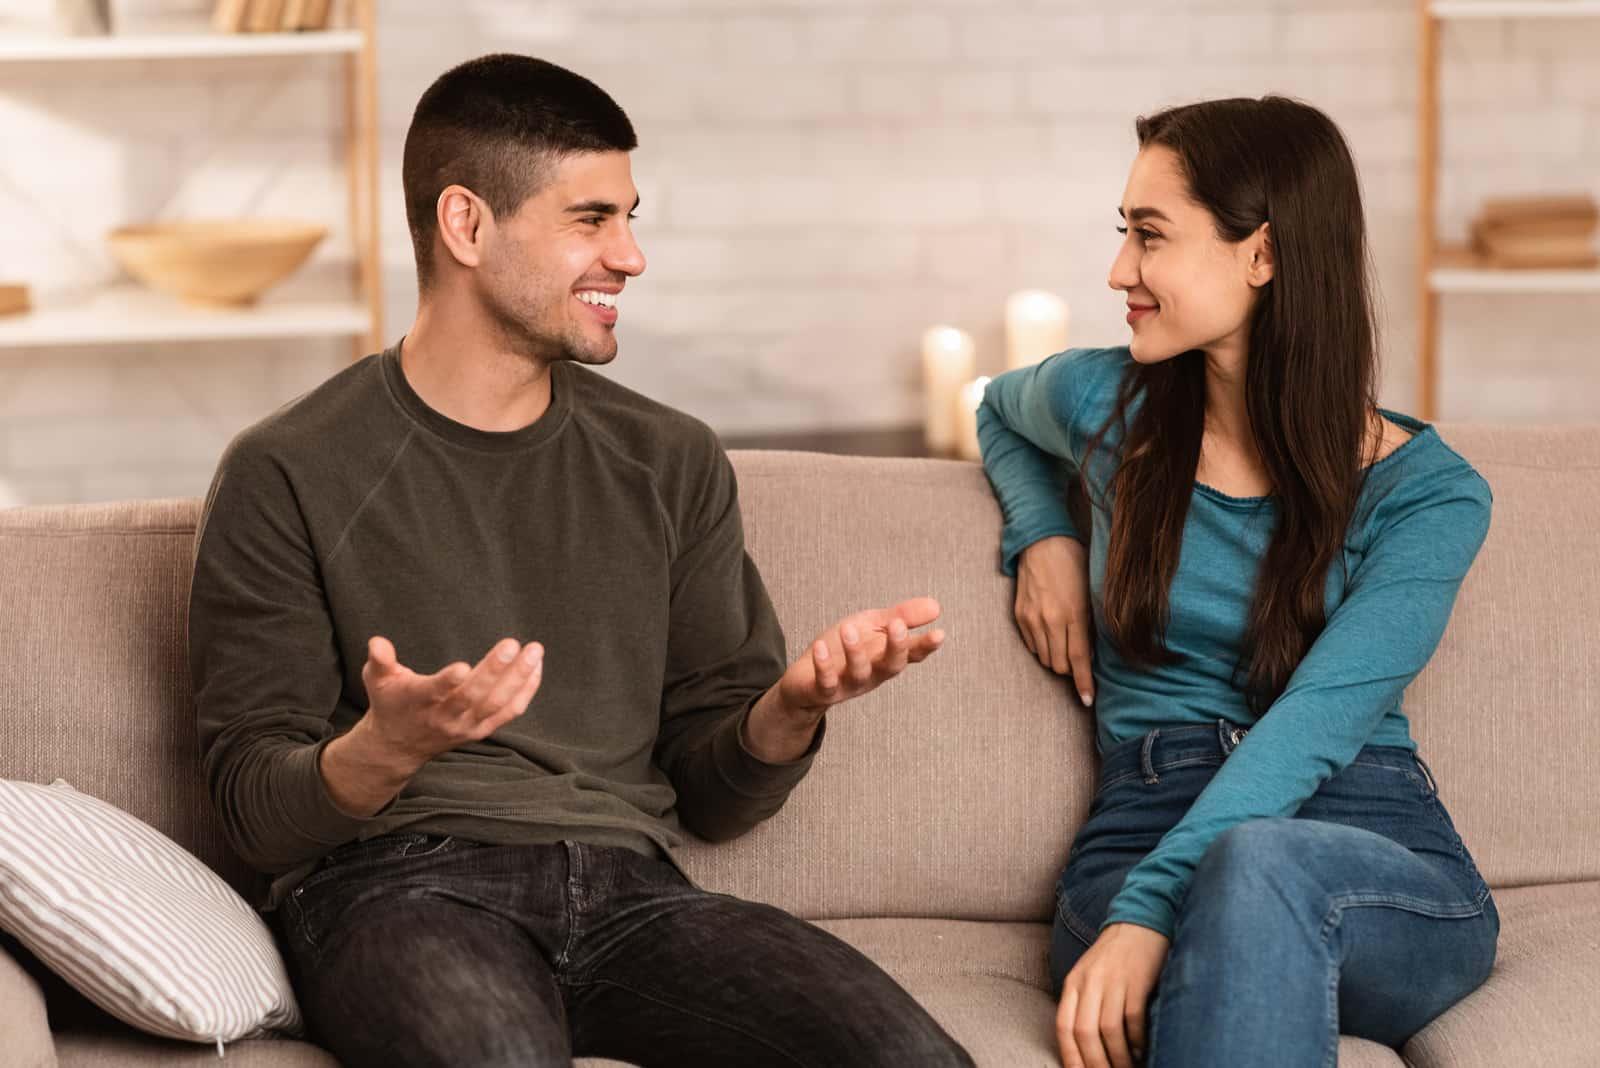 homme parlant à la femme assis sur le canapé